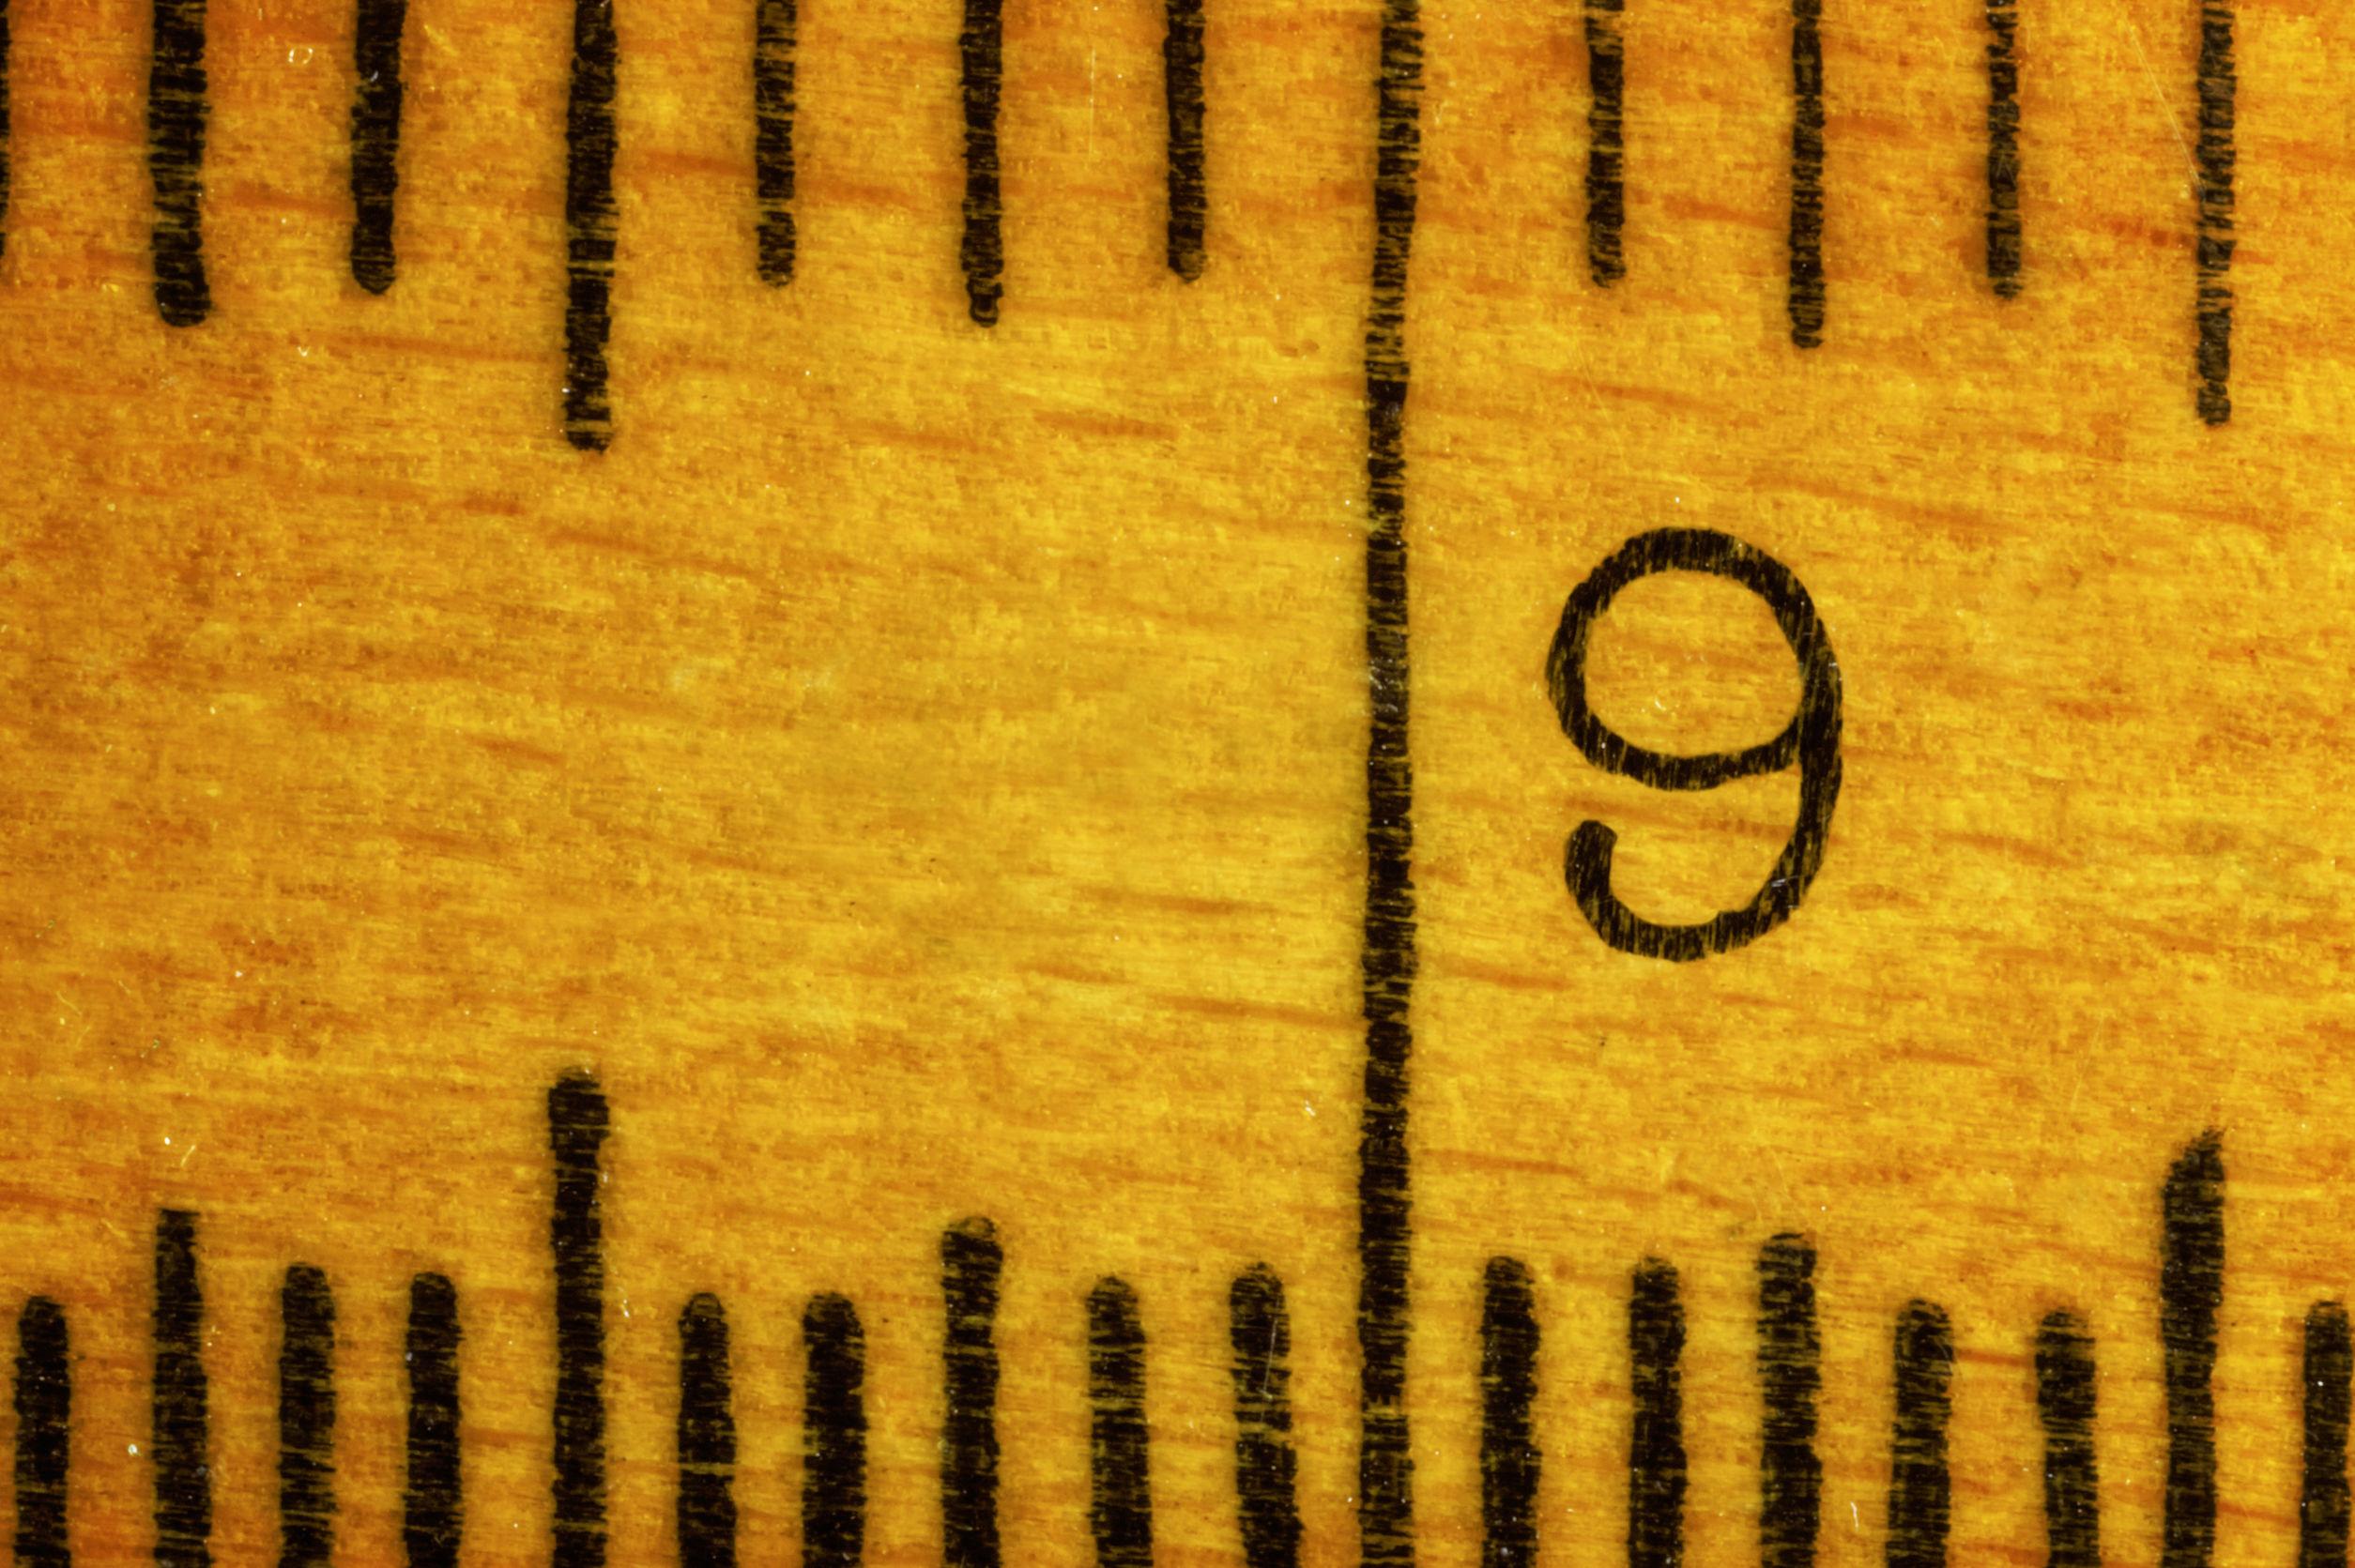 A quanti cm corrisponde un pollice?